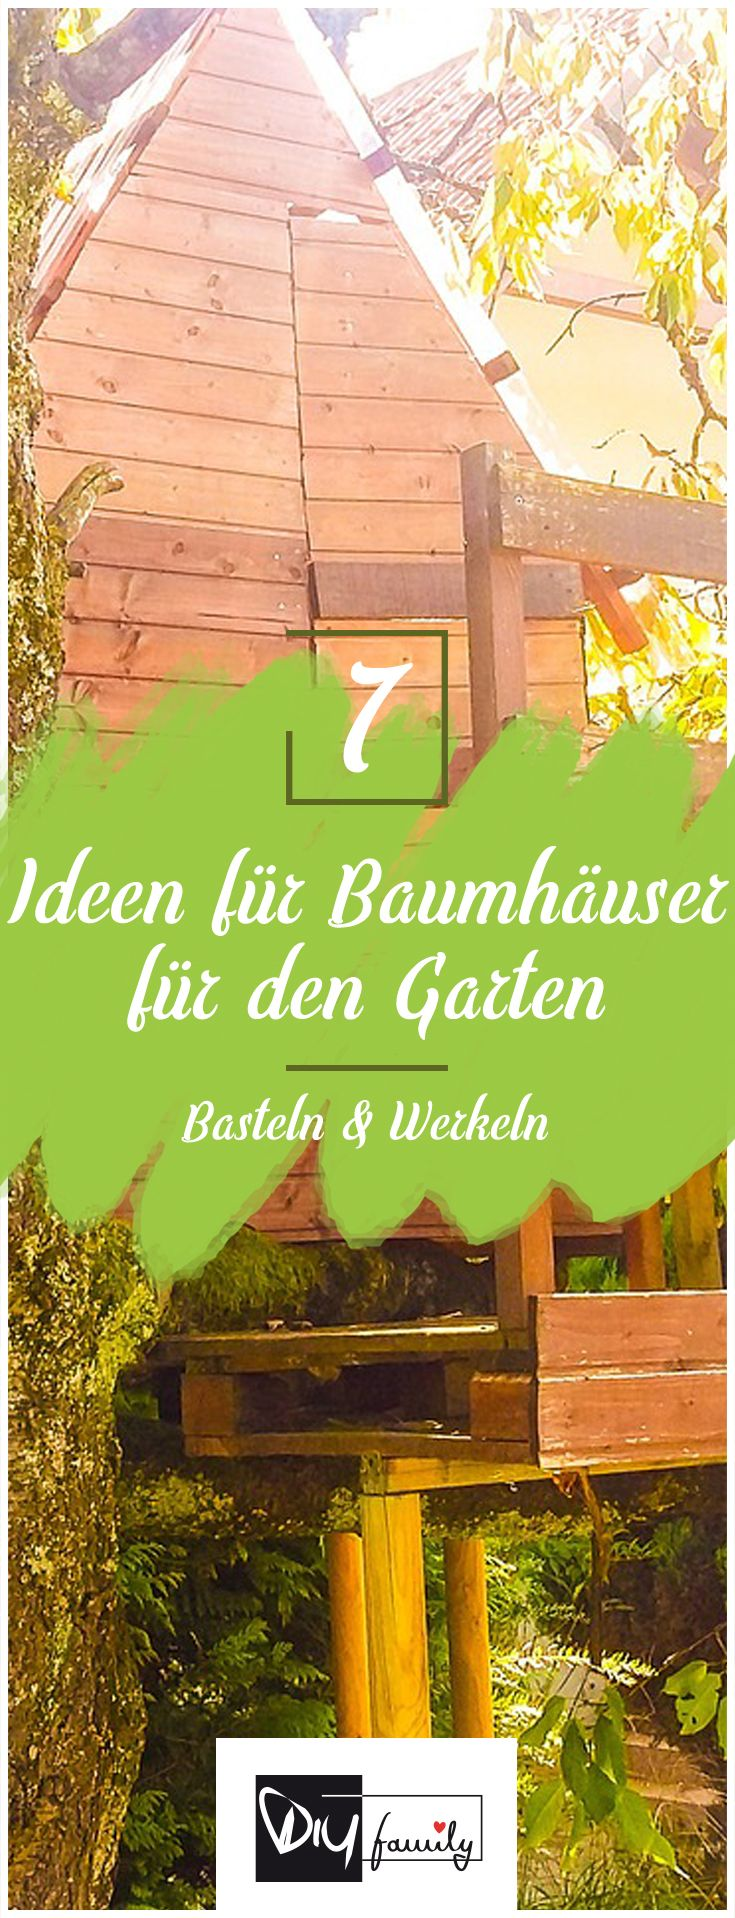 Good Baumh user f r den Garten Ideen rund ums Thema treehouse garden